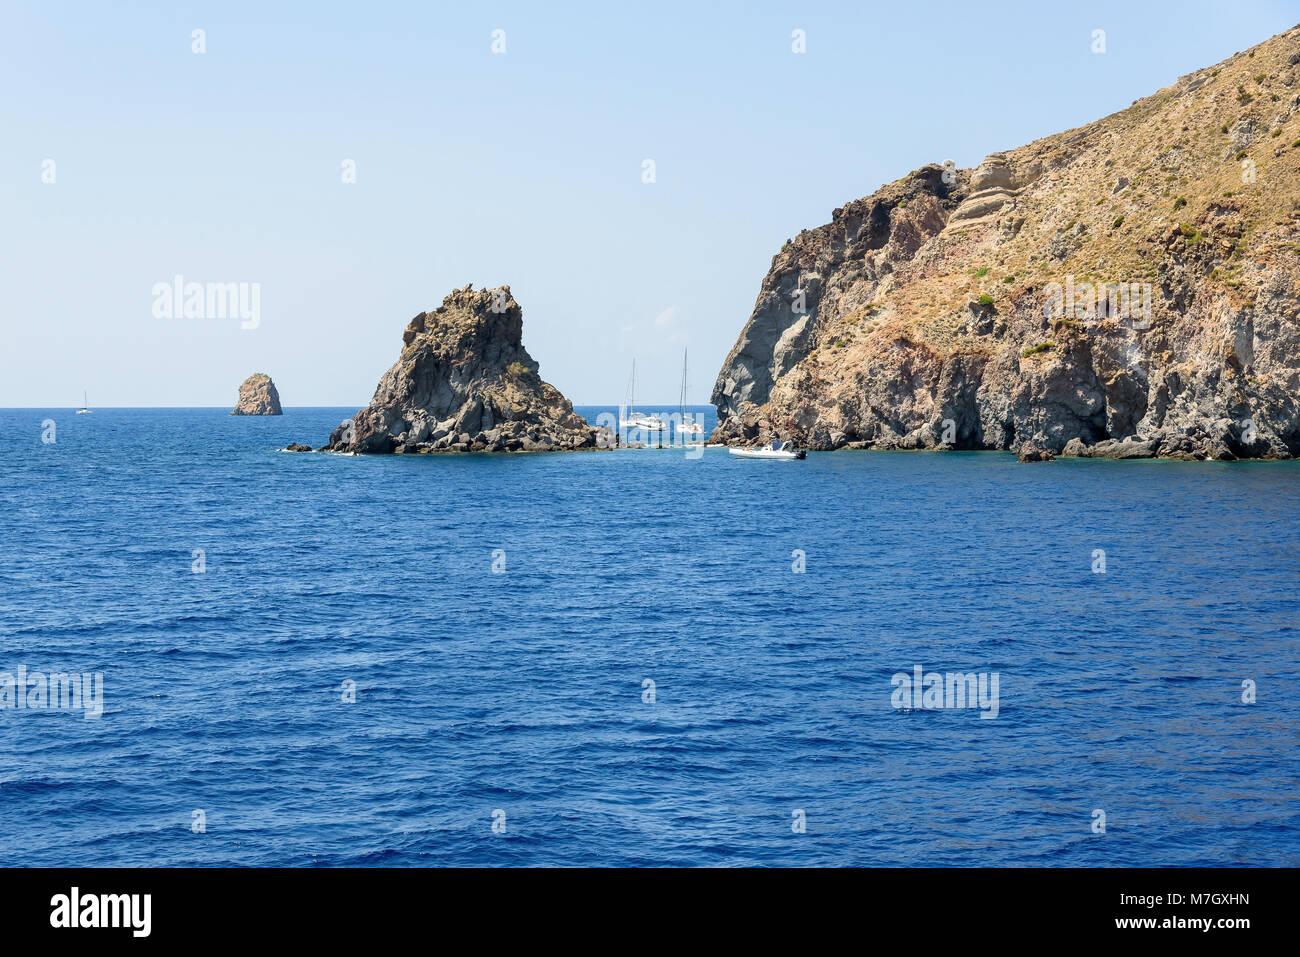 Yachts at the rocky coast of Lipari Island, Aeolian Islands, Italy Stock Photo